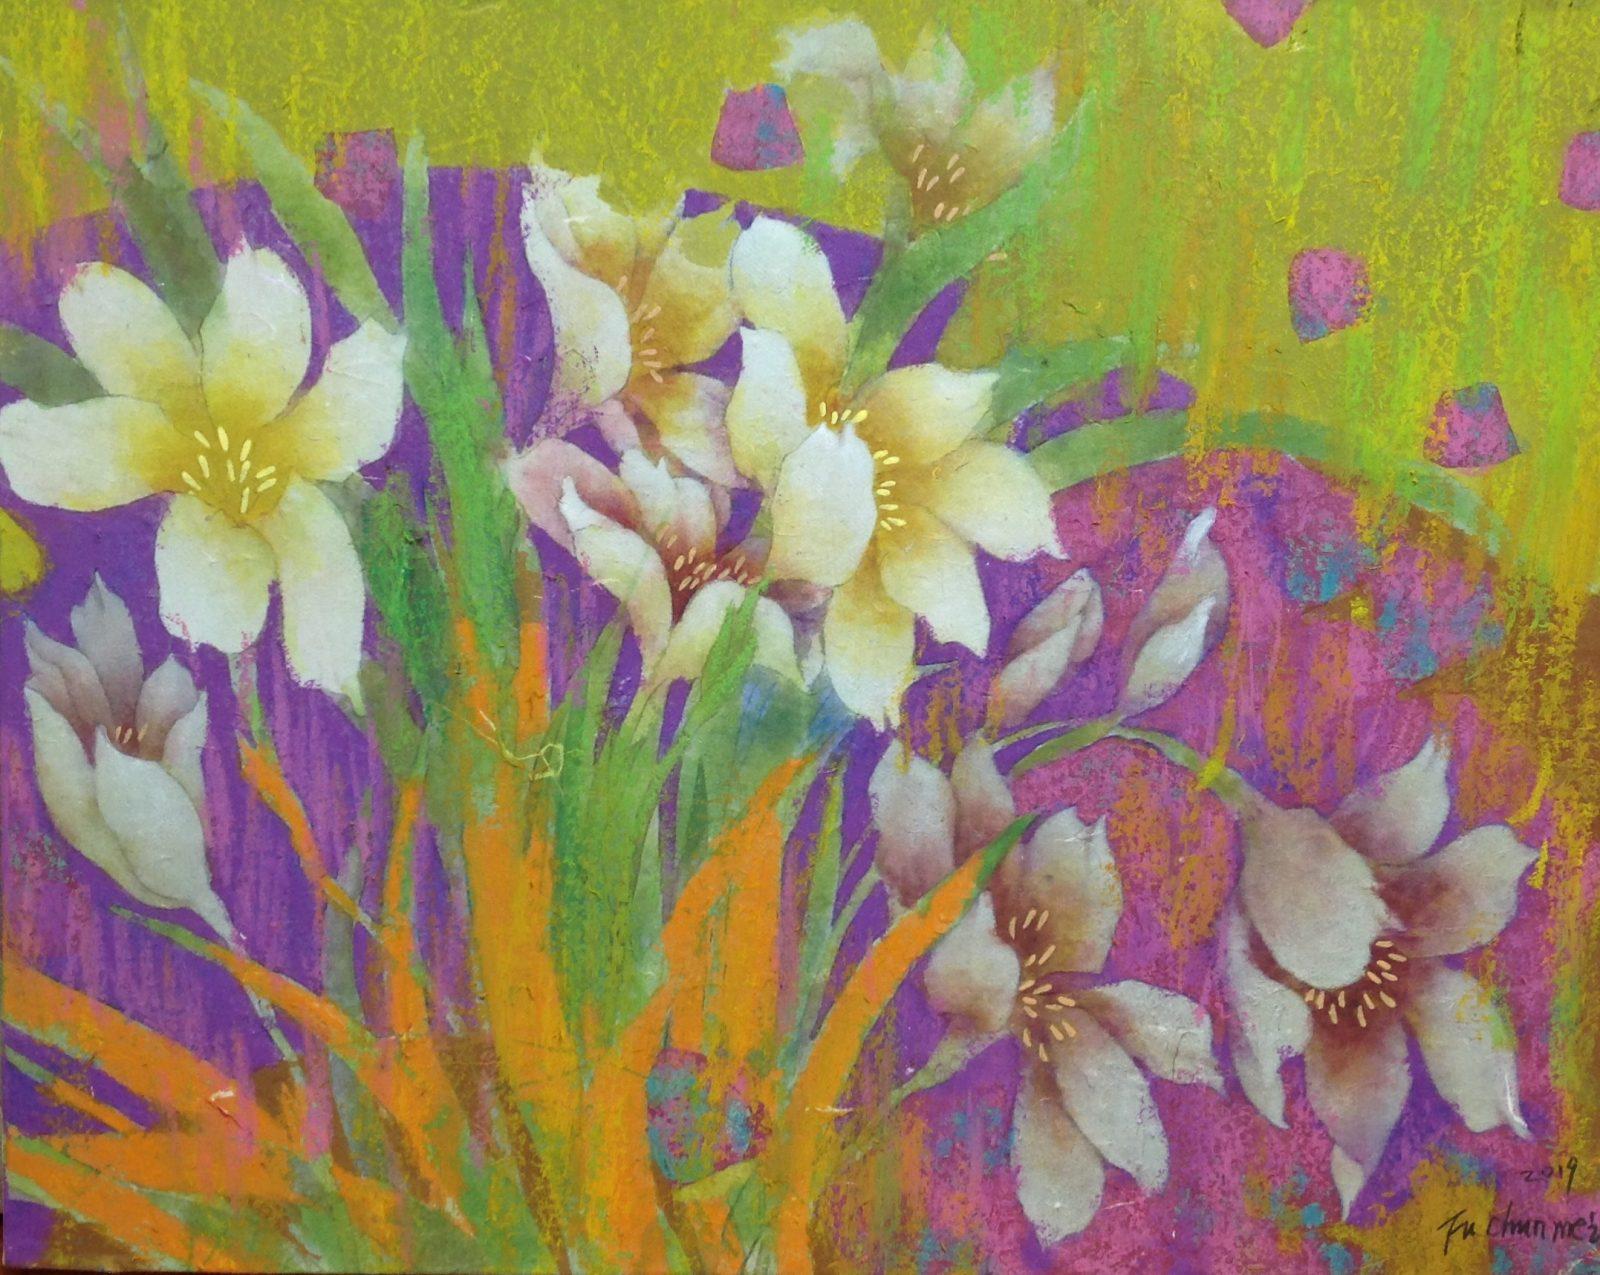 Flower Whisper VI